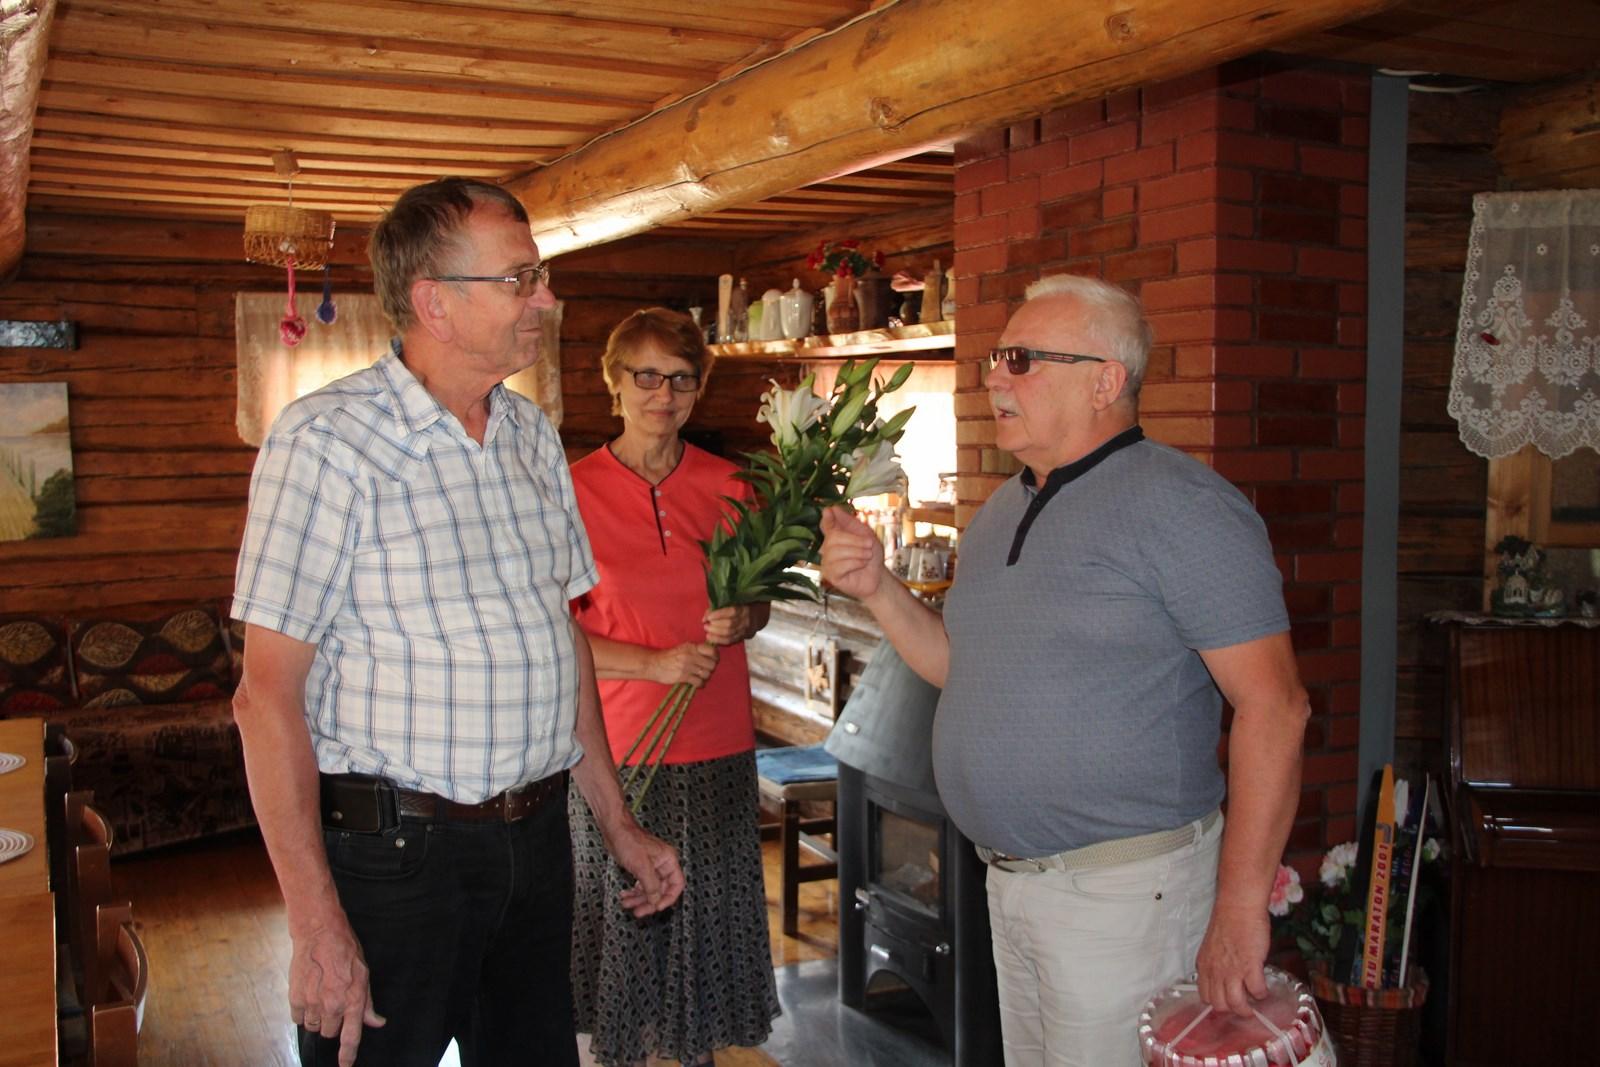 PALJU ÕNNE! Arula külavanem Voldemar Tasa tähistas 70. juubelit